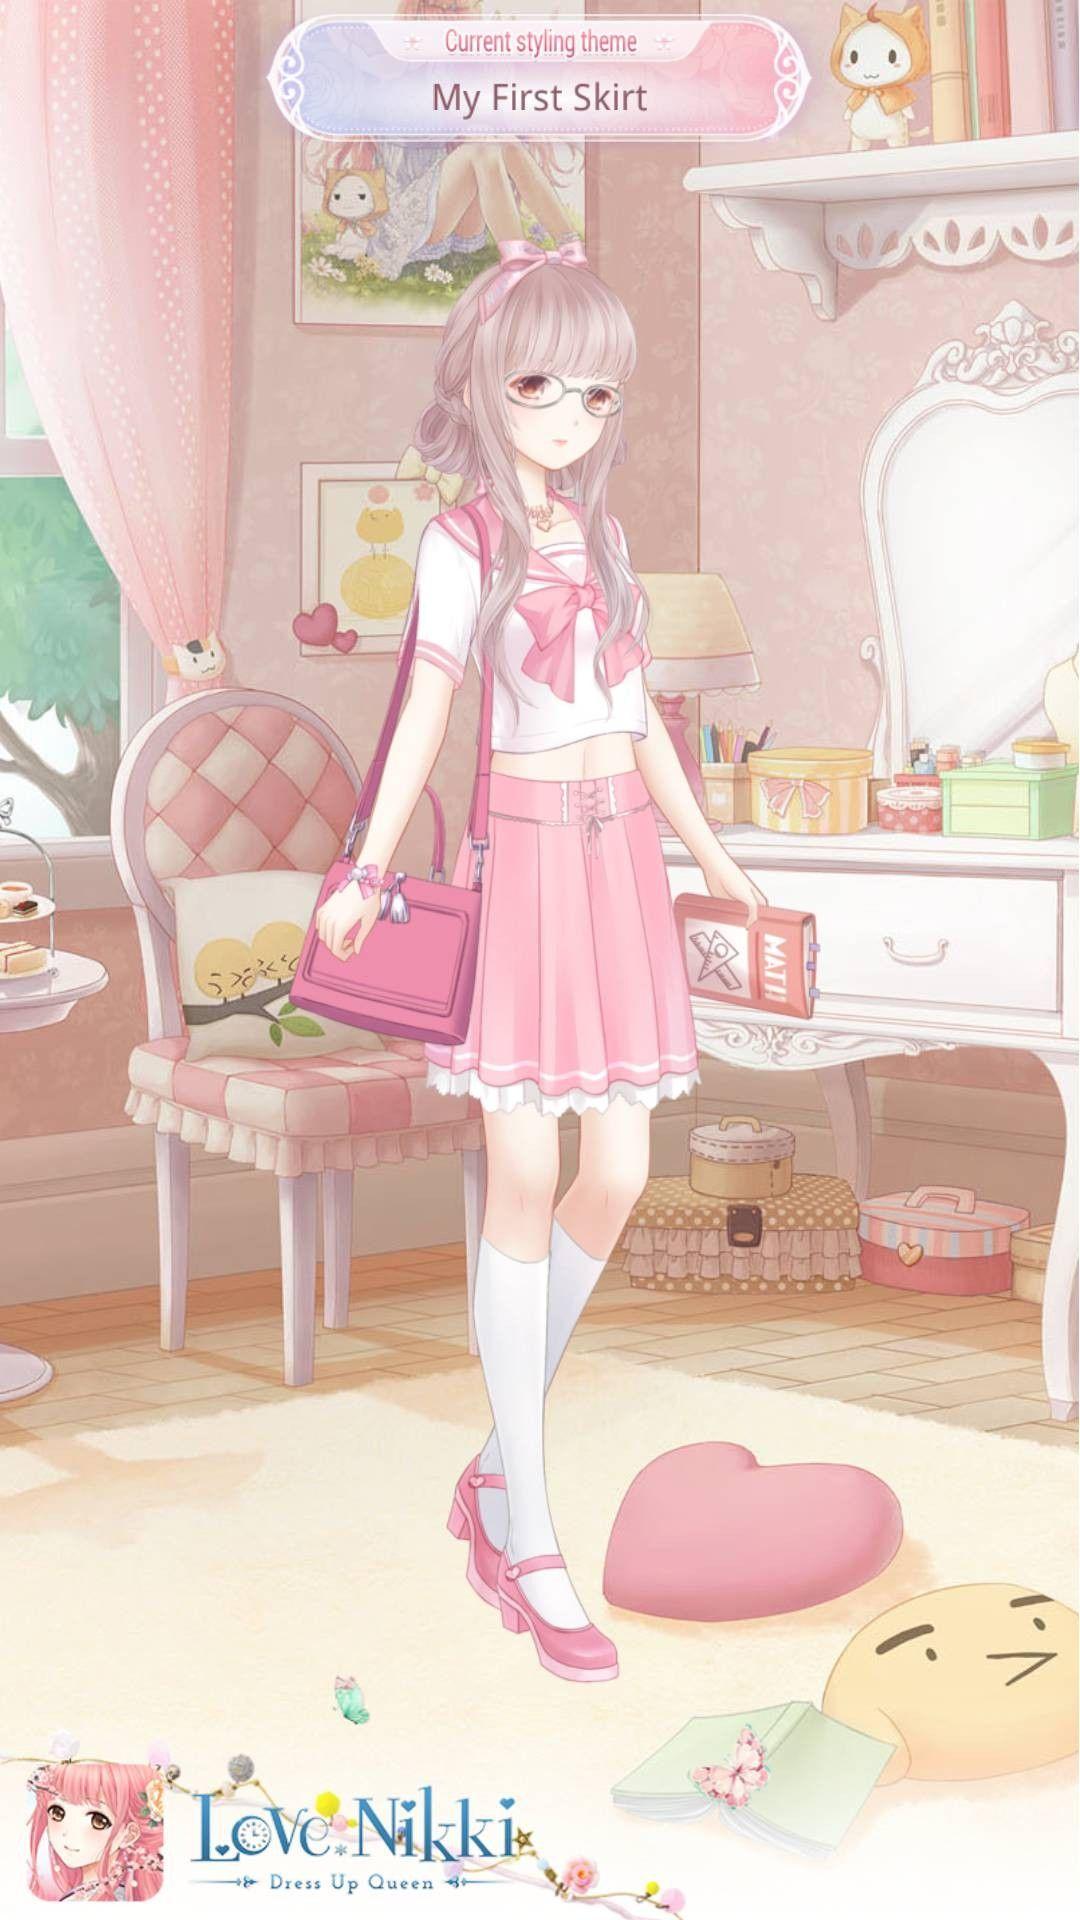 Pink sailor fuku fashion art girl fashion anime dress anime outfits girl